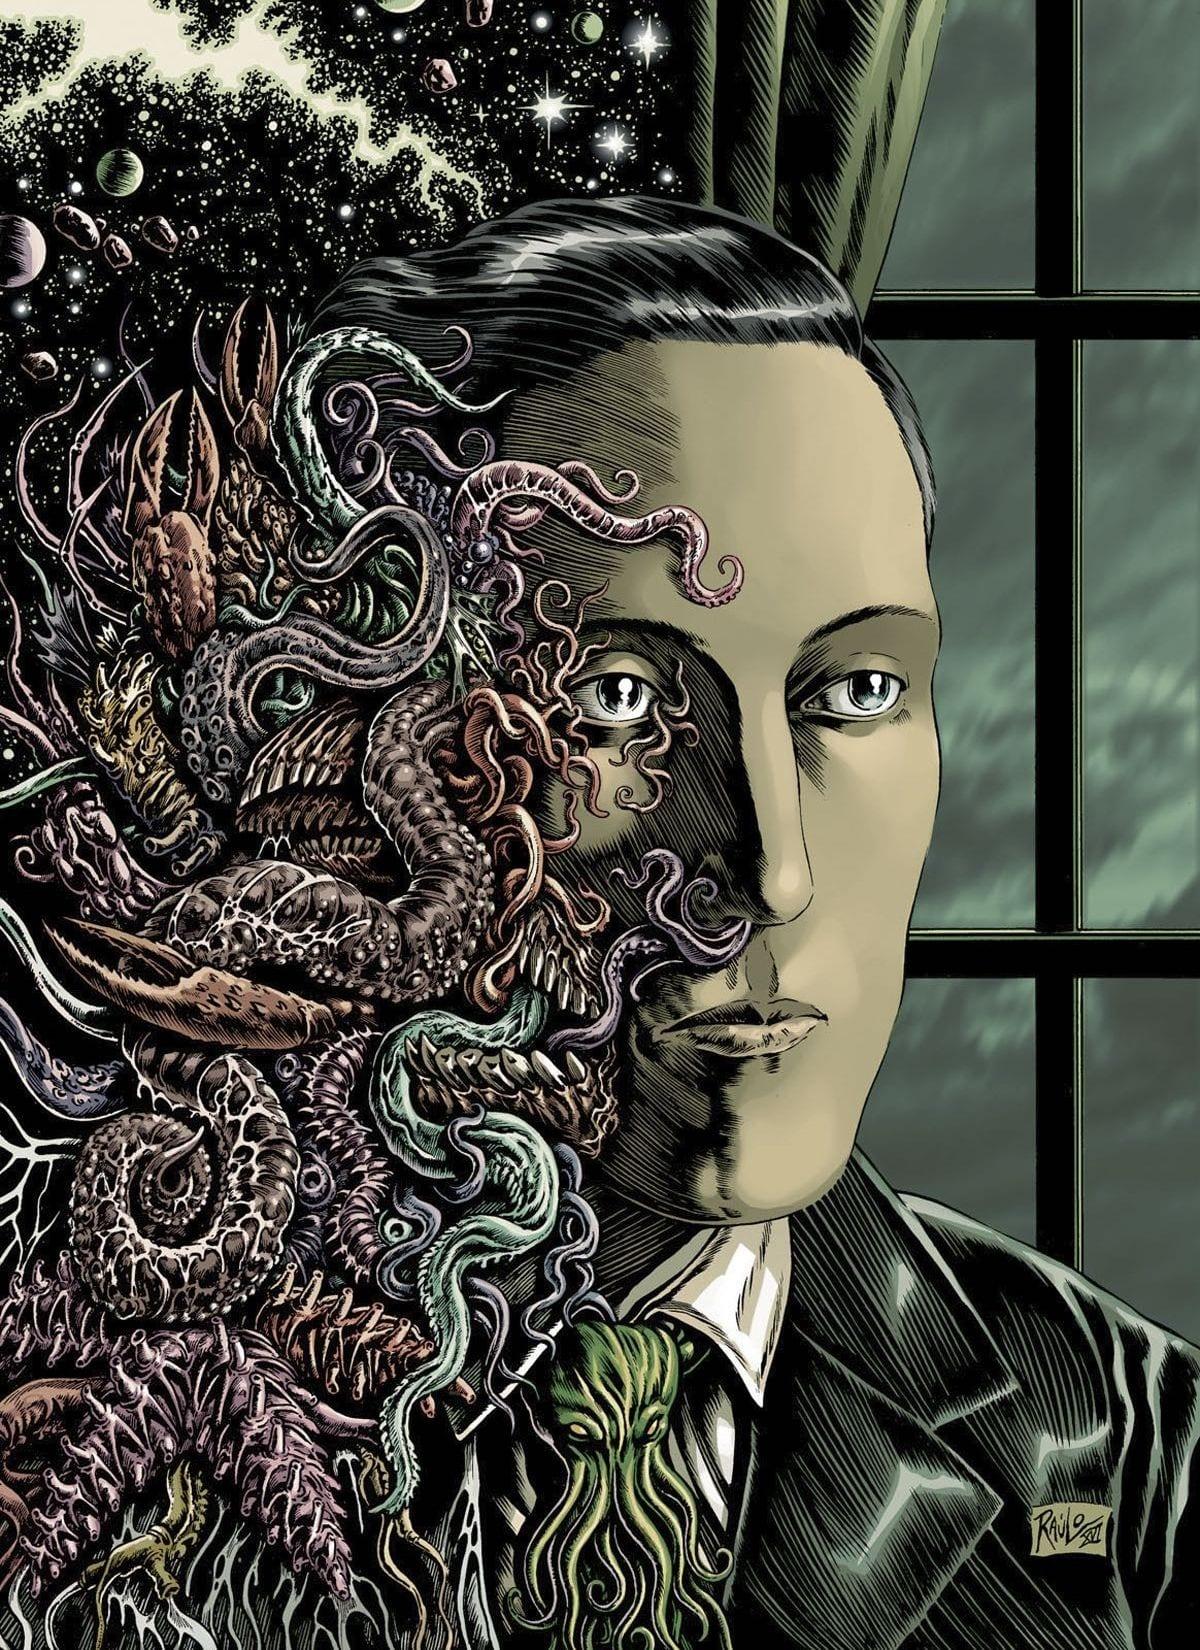 I 30 (e più) migliori fumetti horror per non dormire la notte